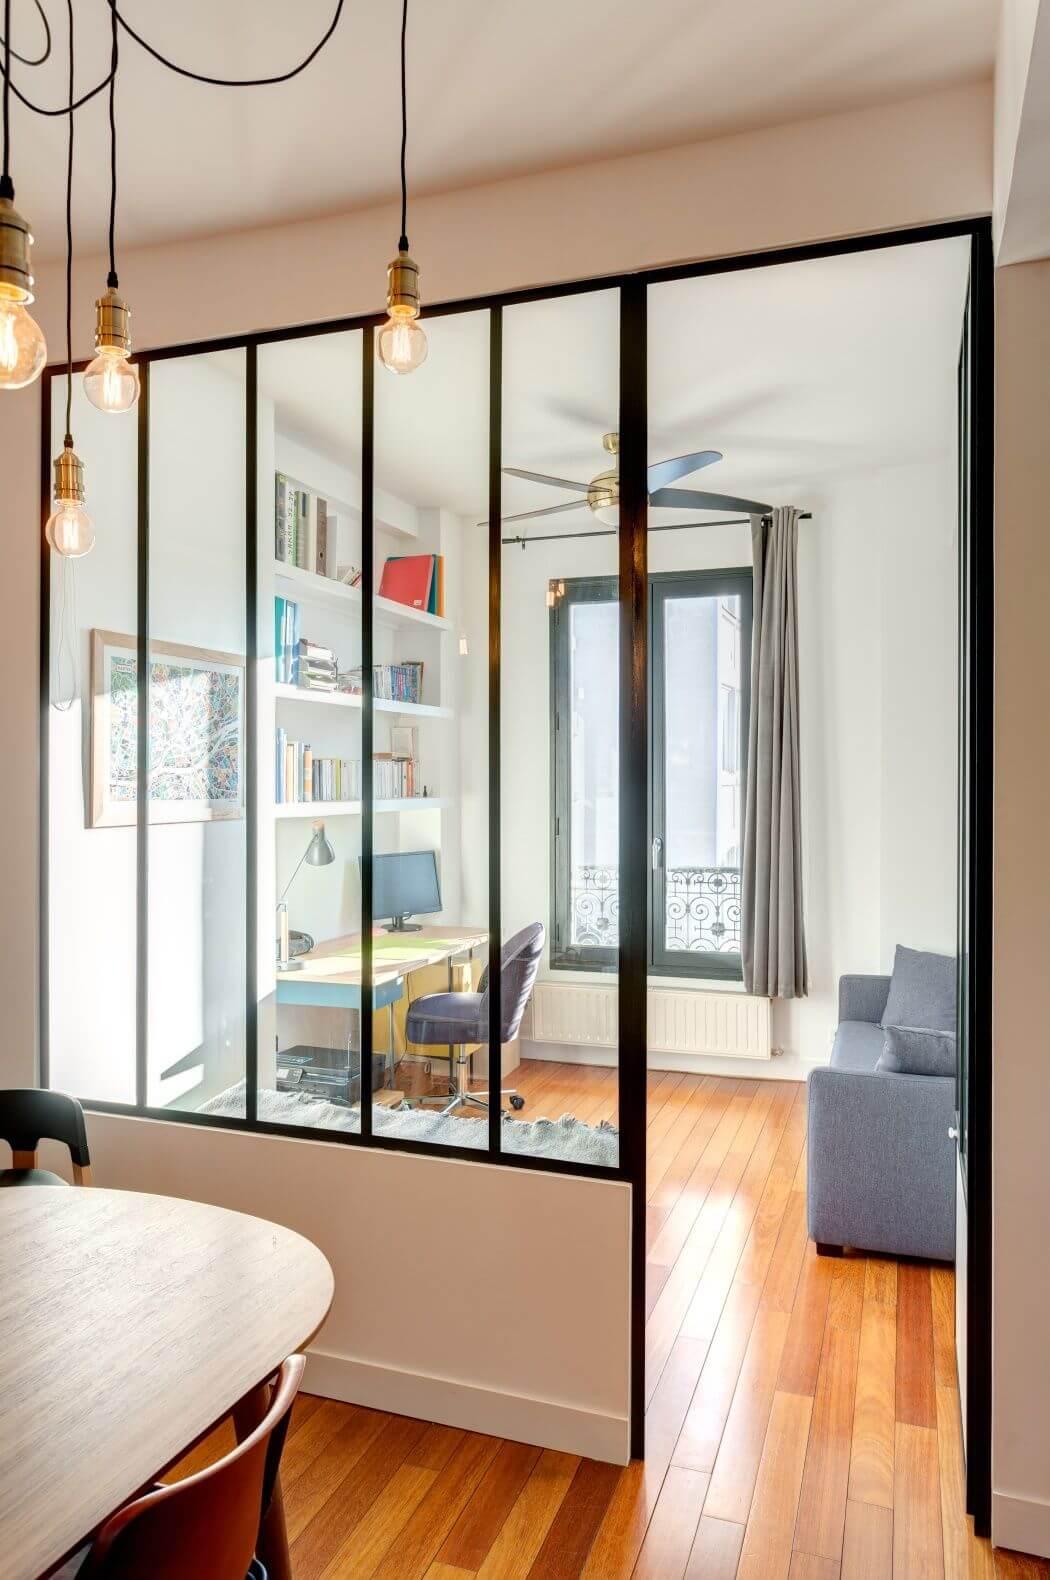 Rénovation d'un appartement avec verrière sur-mesure